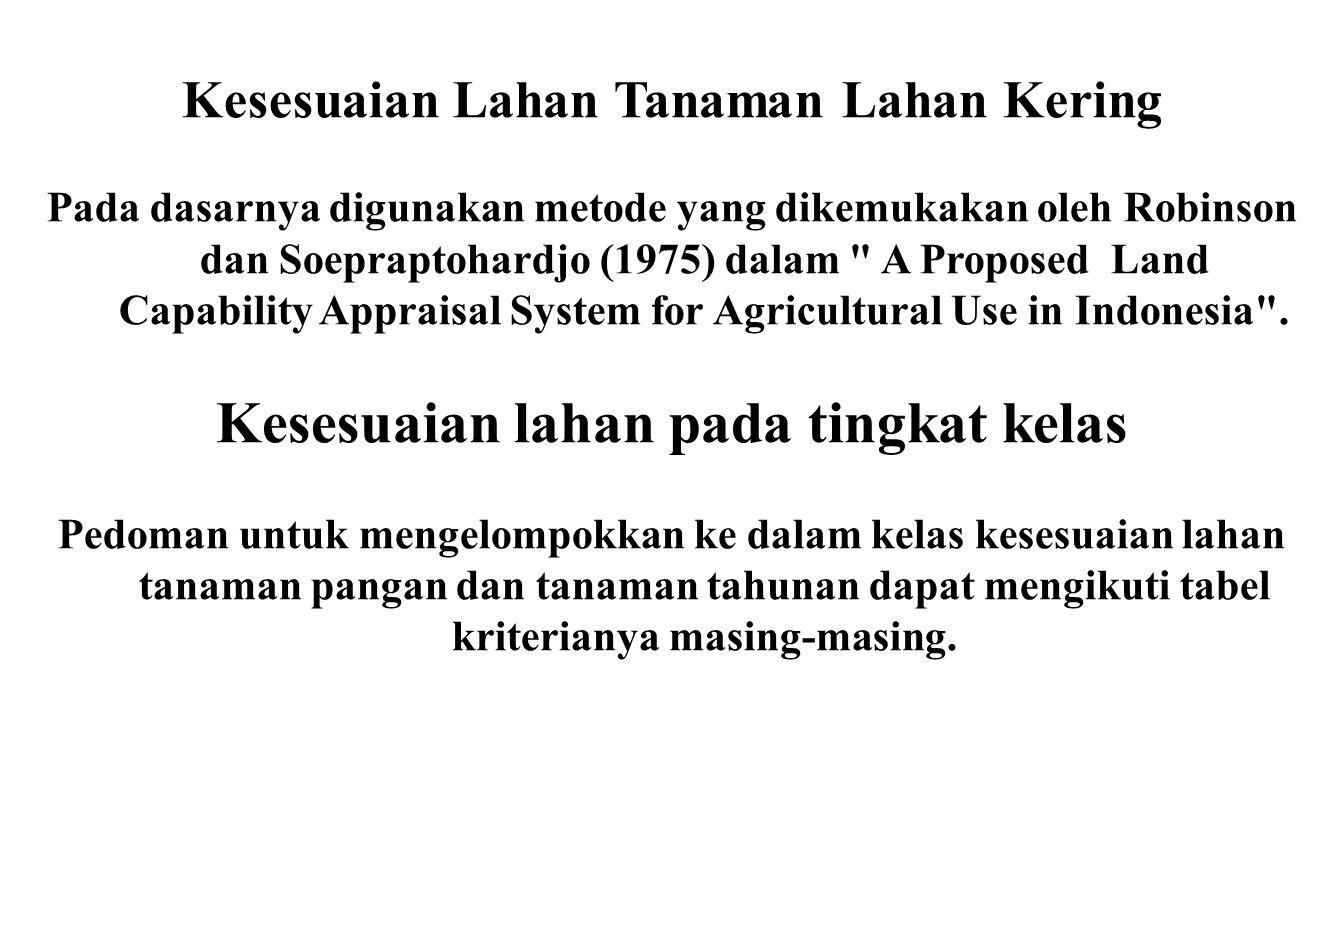 Kesesuaian Lahan Tanaman Lahan Kering Pada dasarnya digunakan metode yang dikemukakan oleh Robinson dan Soepraptohardjo (1975) dalam